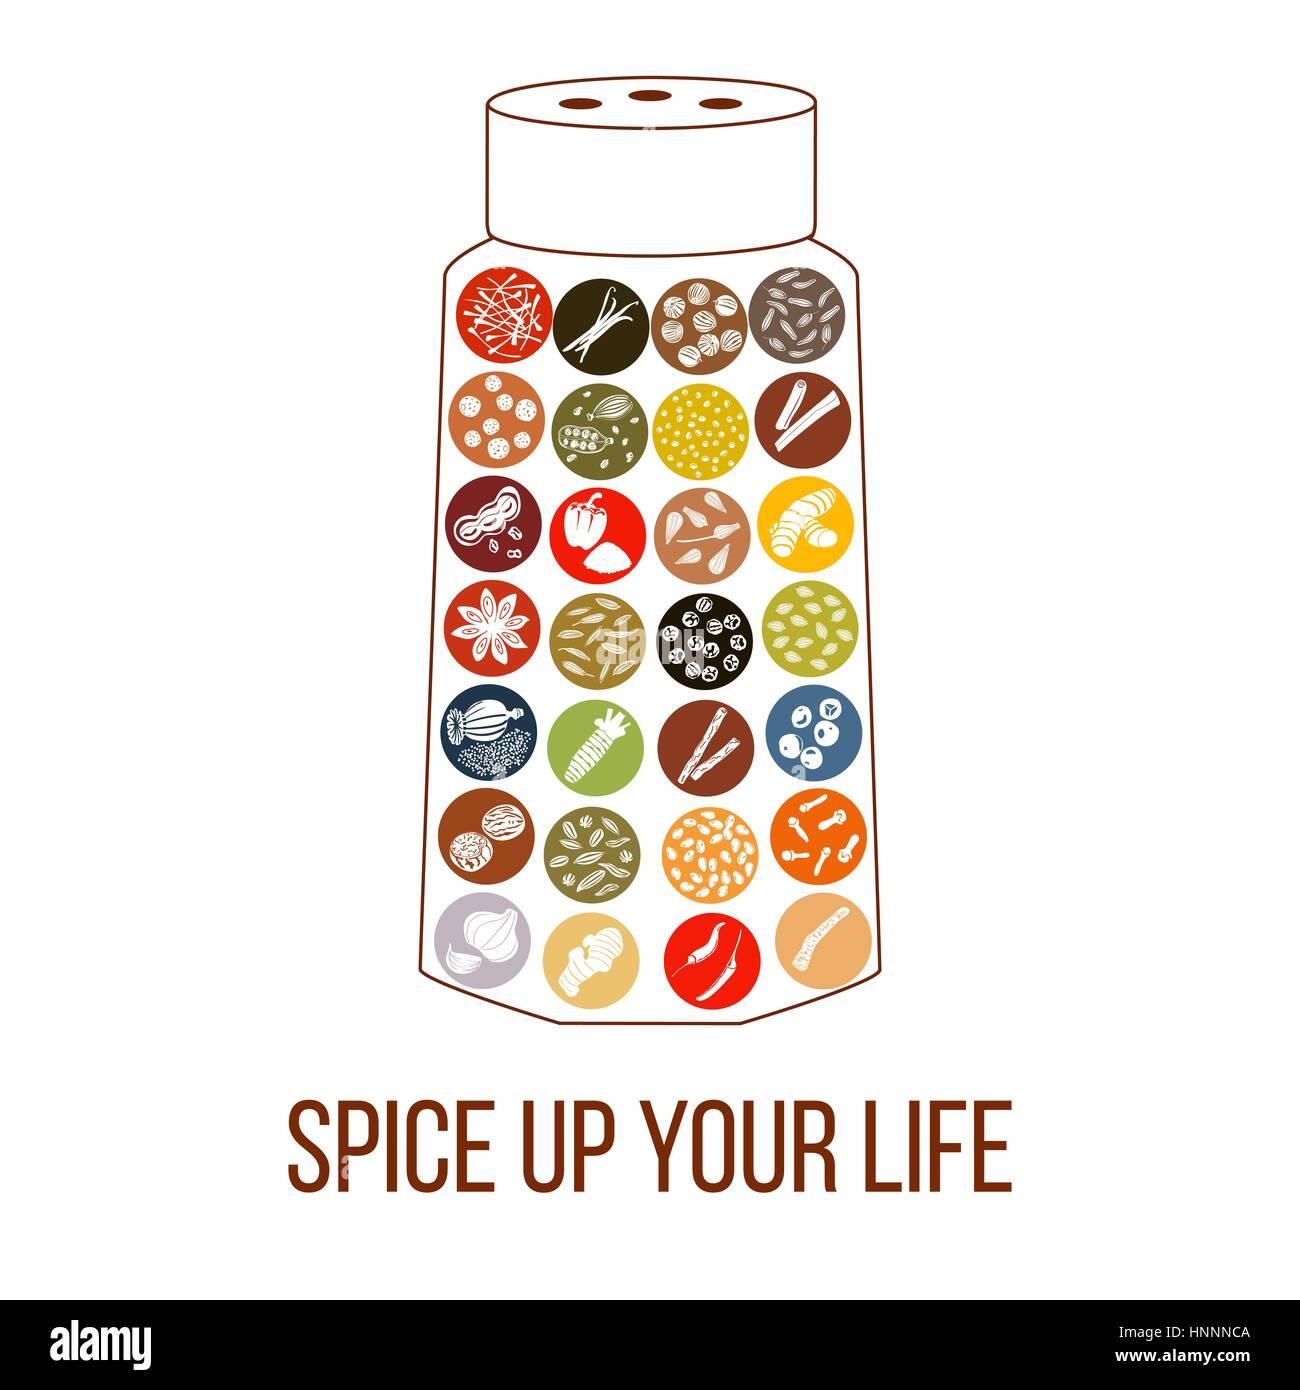 Ajoutez du piquant à votre vie phrase. humour télévision poivrière à épices culinaires Photo Stock